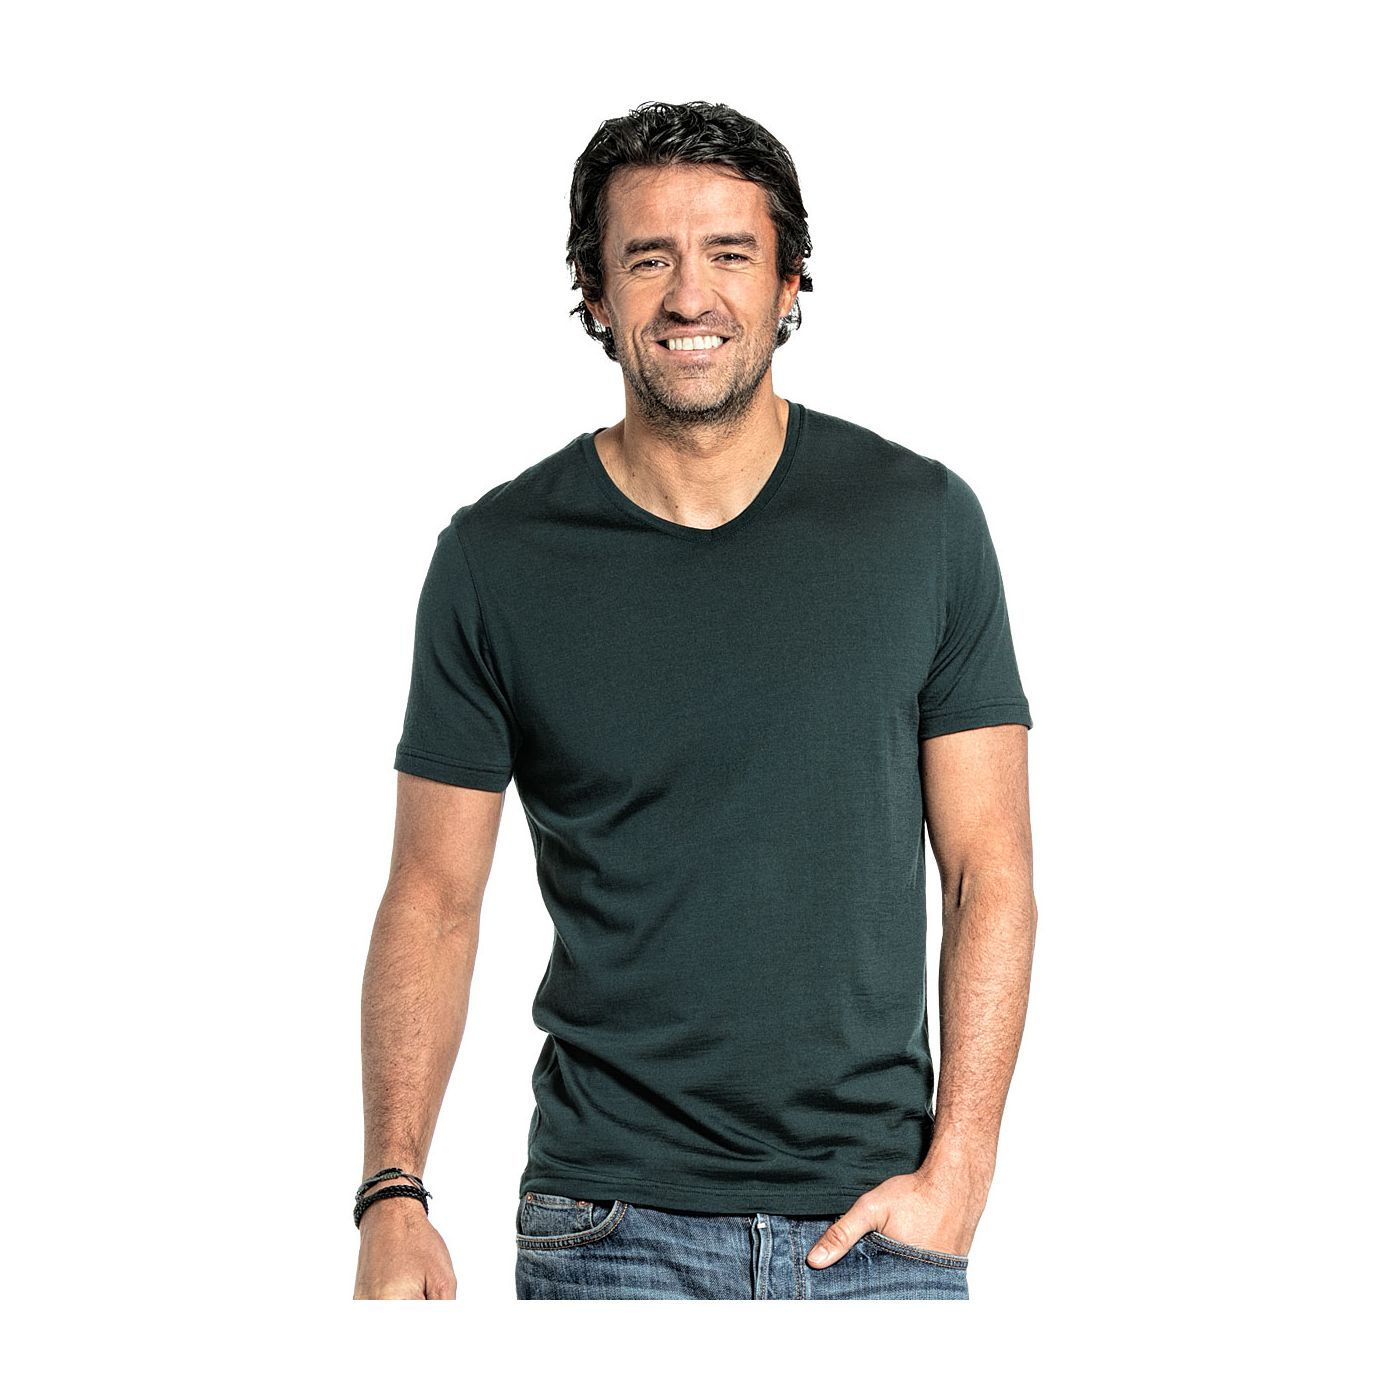 Shirt V-neck voor mannen gemaakt van merinowol in het Donkergroen